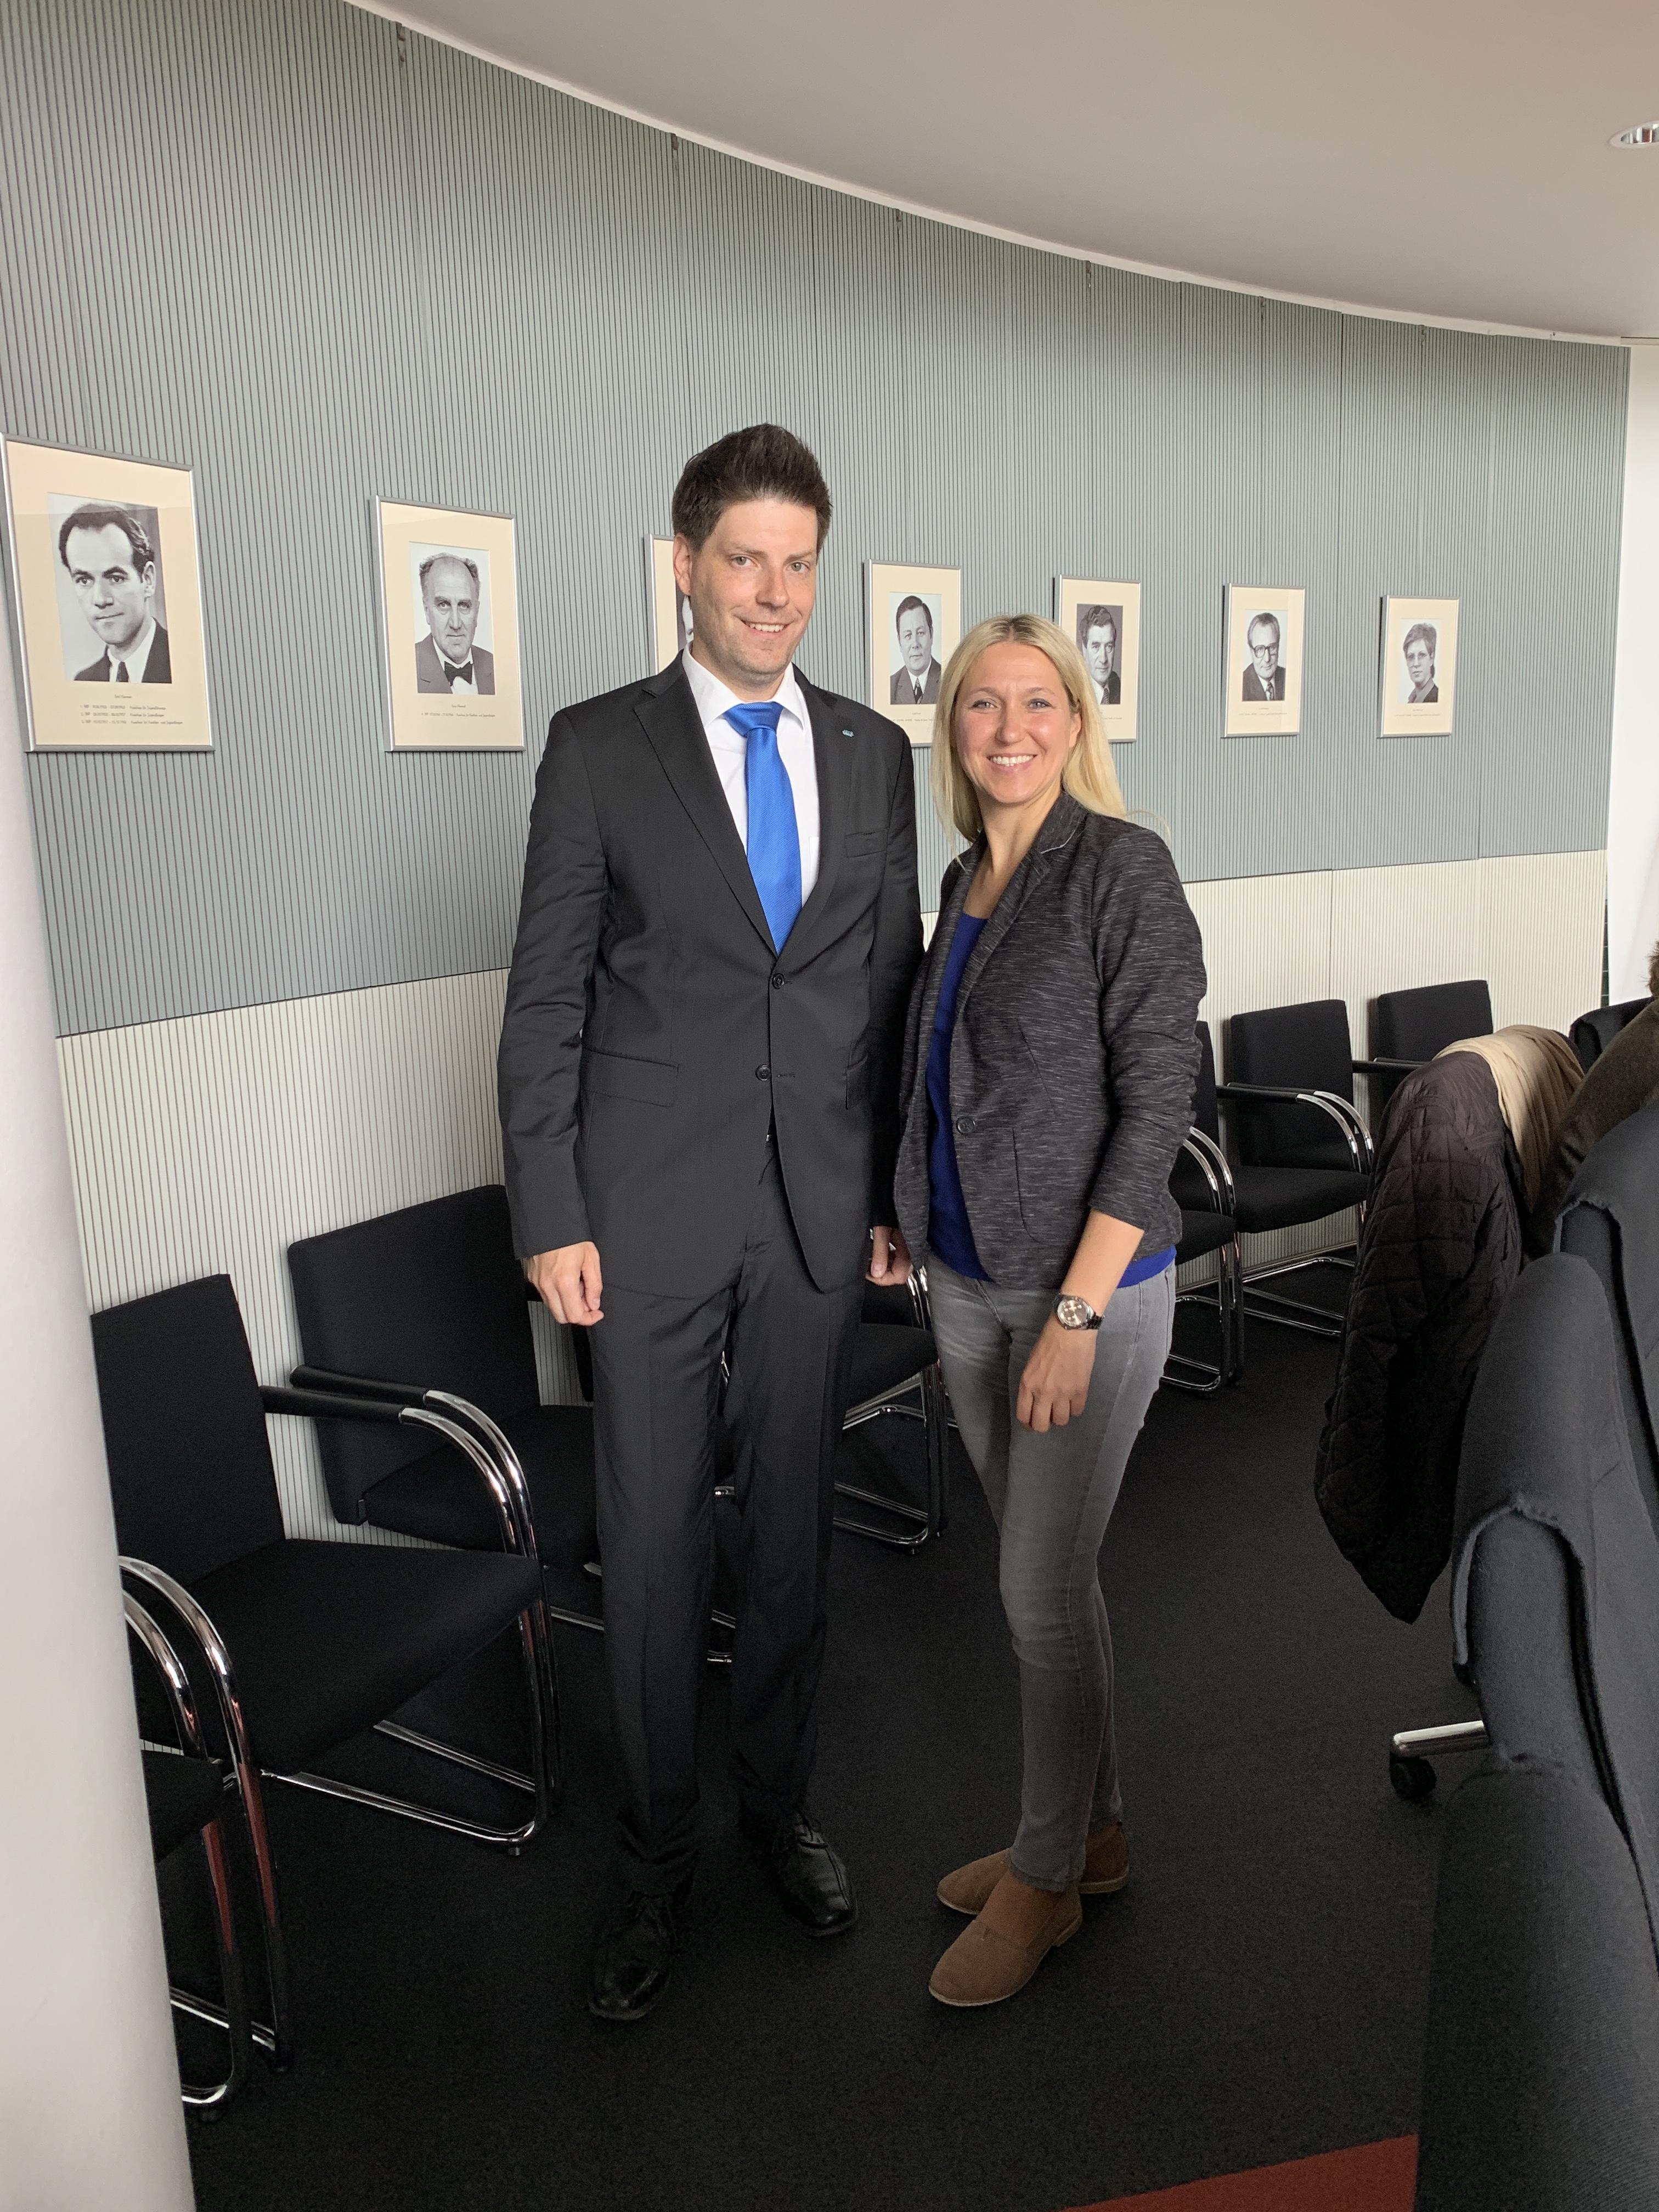 Präsident der Wirtschaftsjunioren Andreas Herlitz begleitet Dr. Silke Launert bei parlamentarischer Arbeit